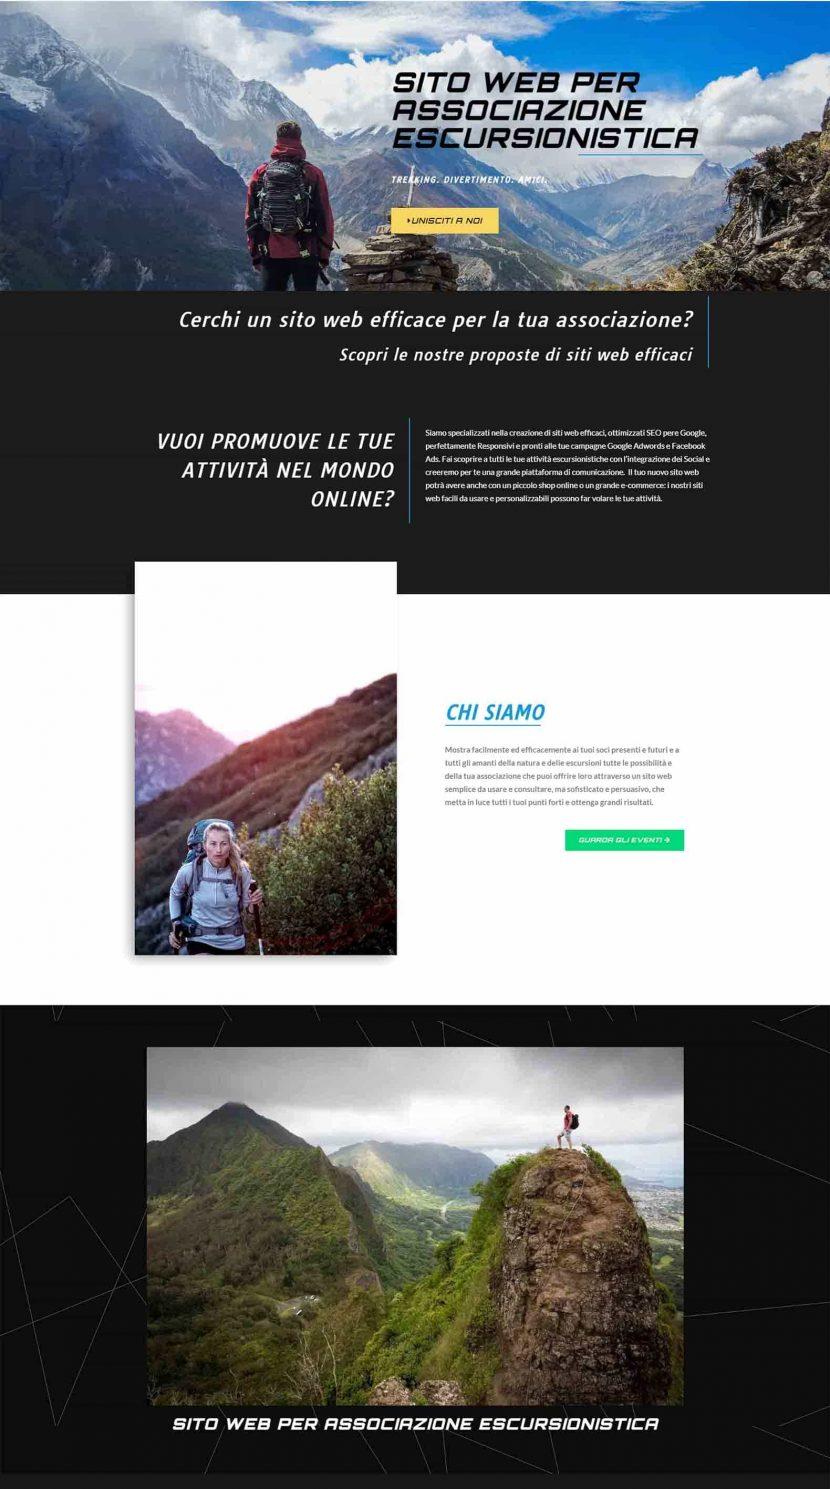 Sito Web per Associazione Escursionistica Rom Soluzioni Digitali Online Creare Realizzare siti Web SEO efficace ecommerce H